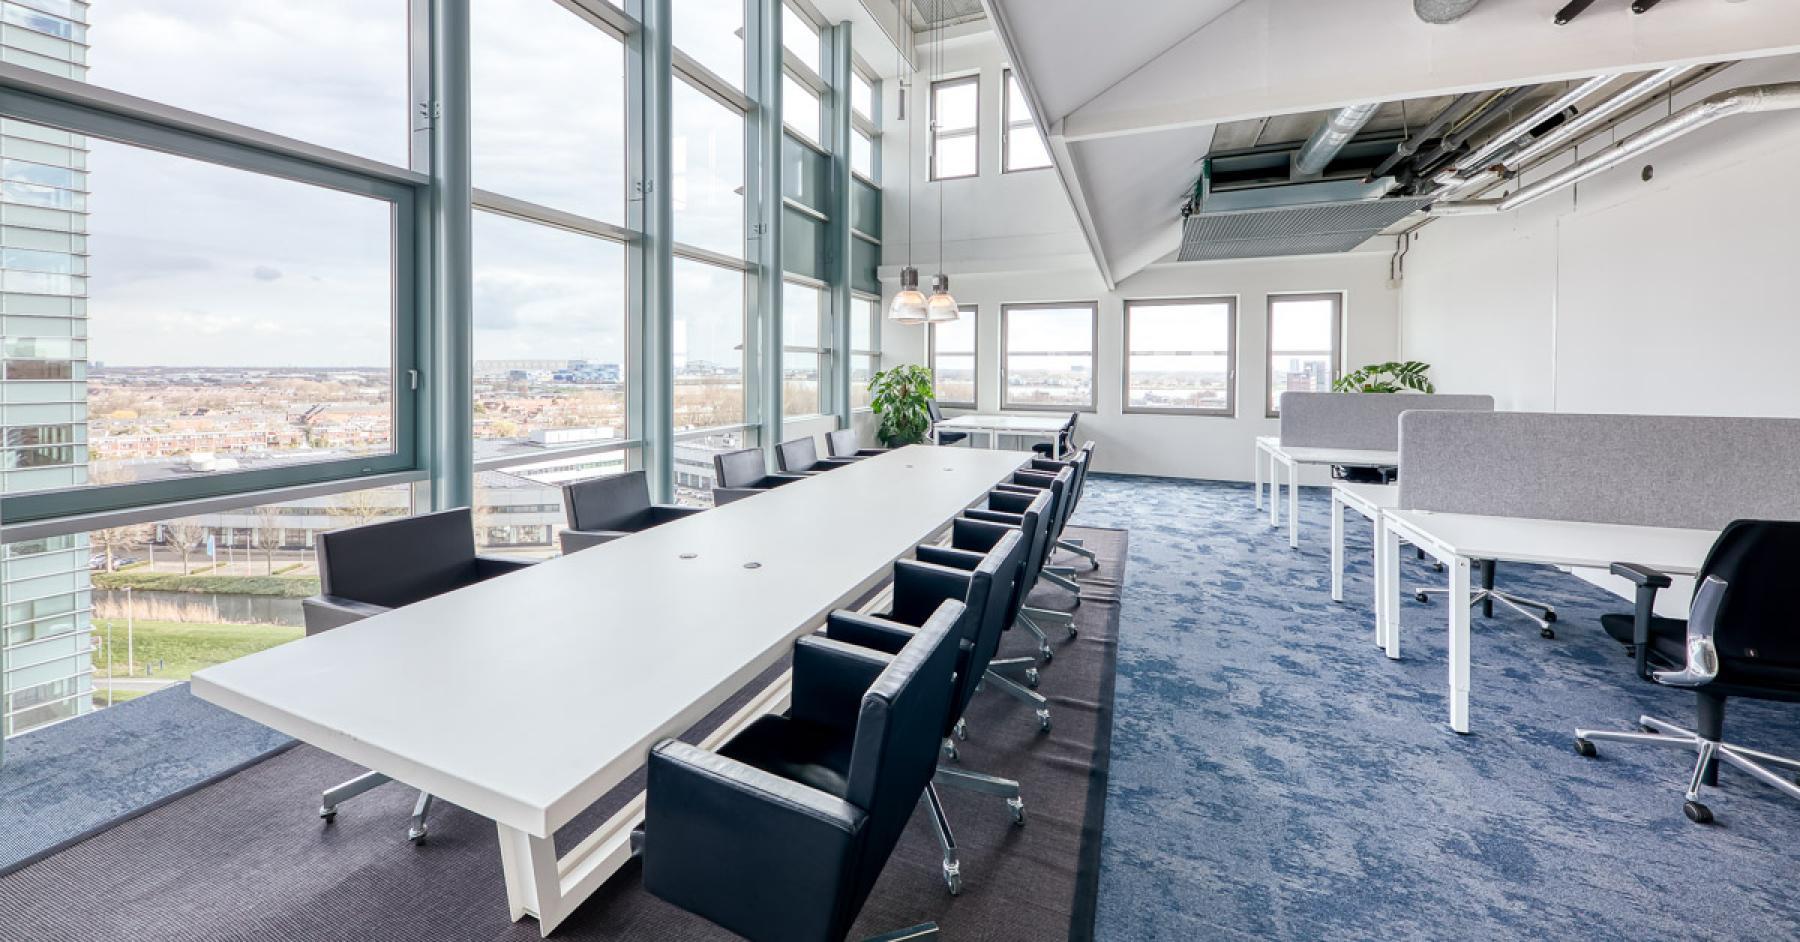 Kantoorruimte huren Rivium Boulevard 201-234, Capelle aan den IJssel (14)